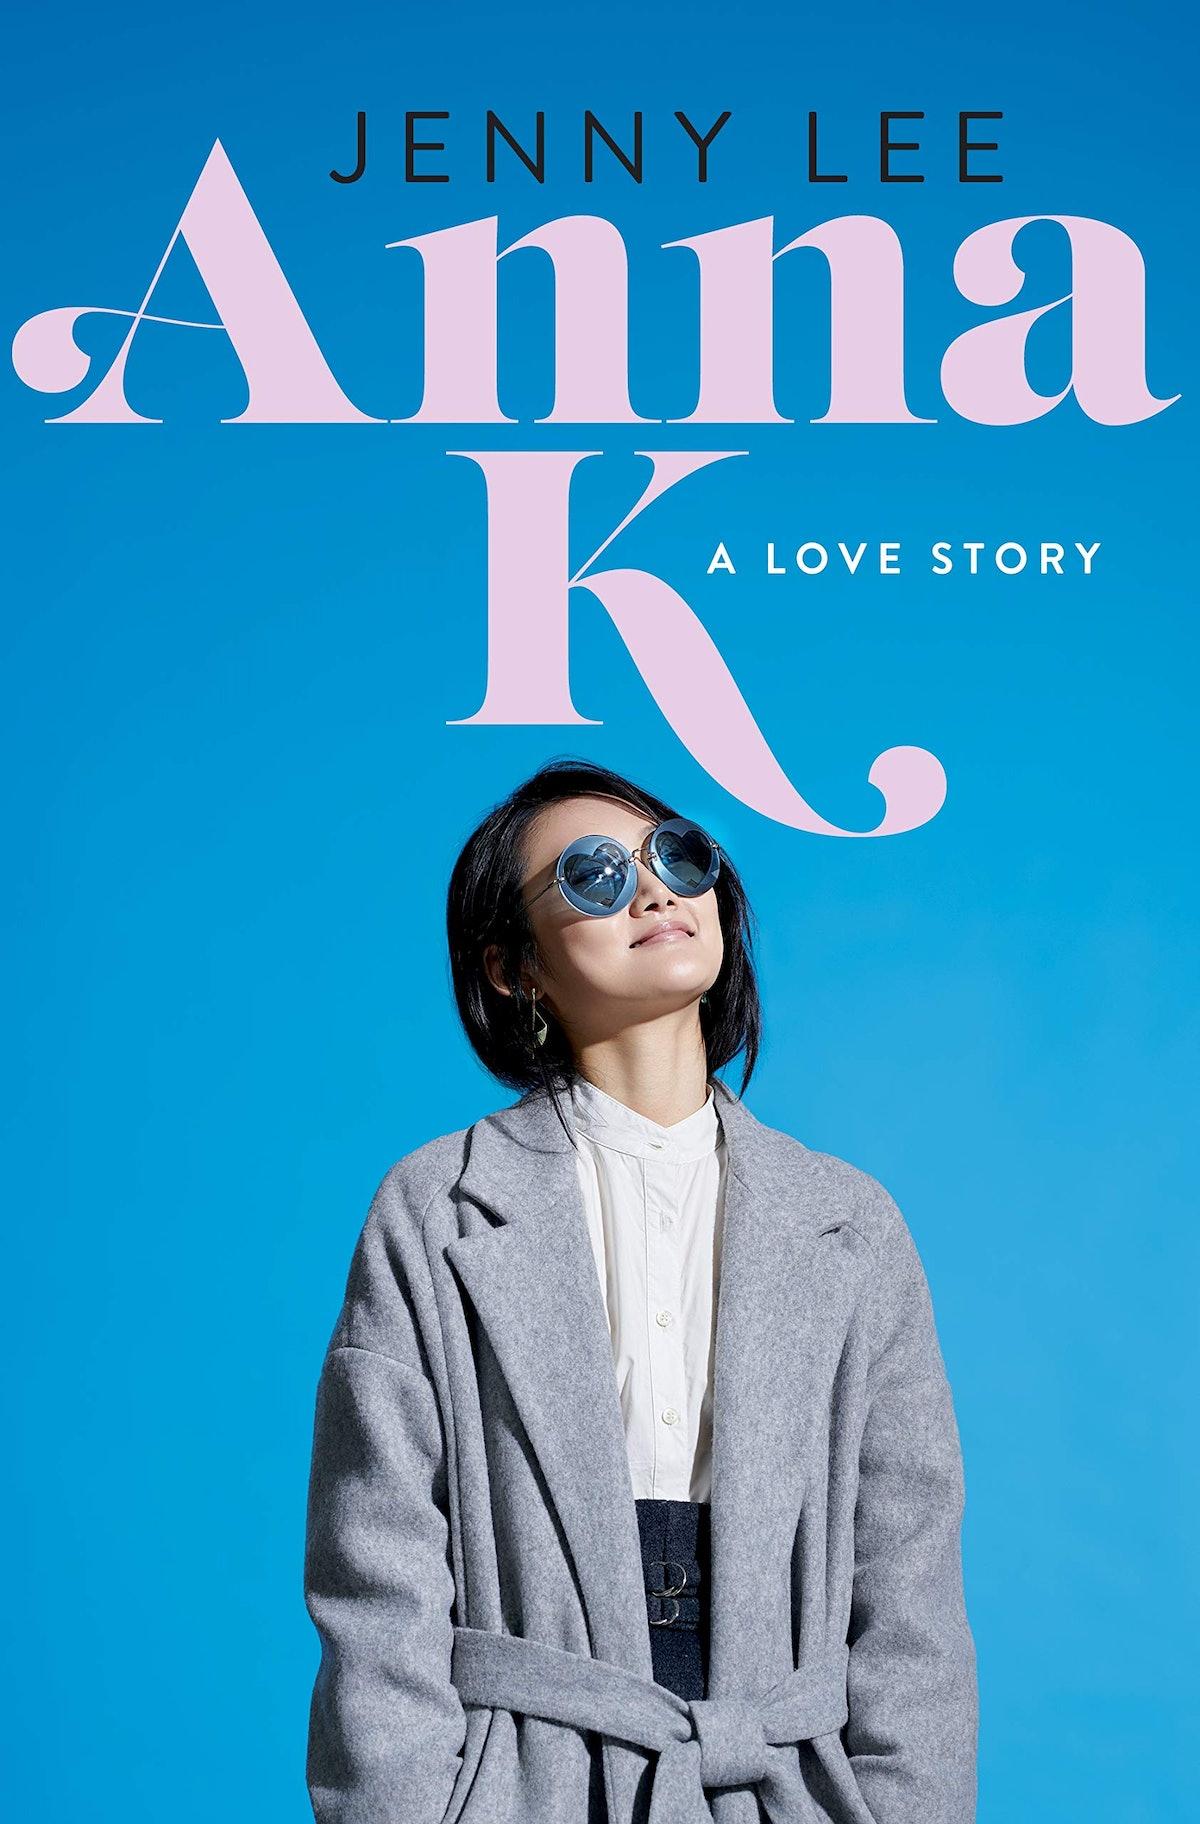 'Anna K: A Love Story' — Jenny Lee